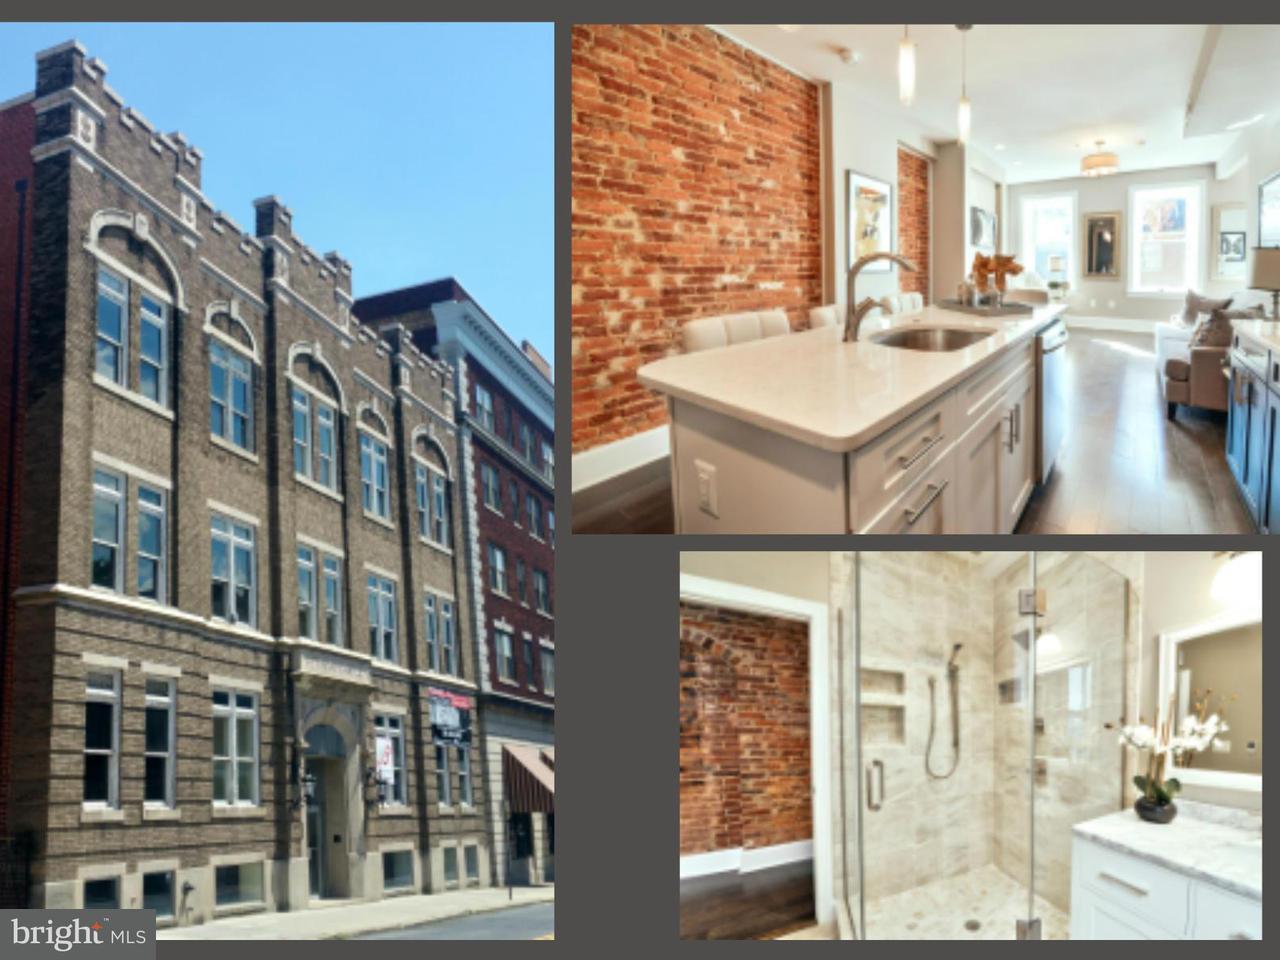 Σπίτι στην πόλη για την Πώληση στο 20 COURT ST N #302 20 COURT ST N #302 Frederick, Μεριλαντ 21701 Ηνωμενεσ Πολιτειεσ